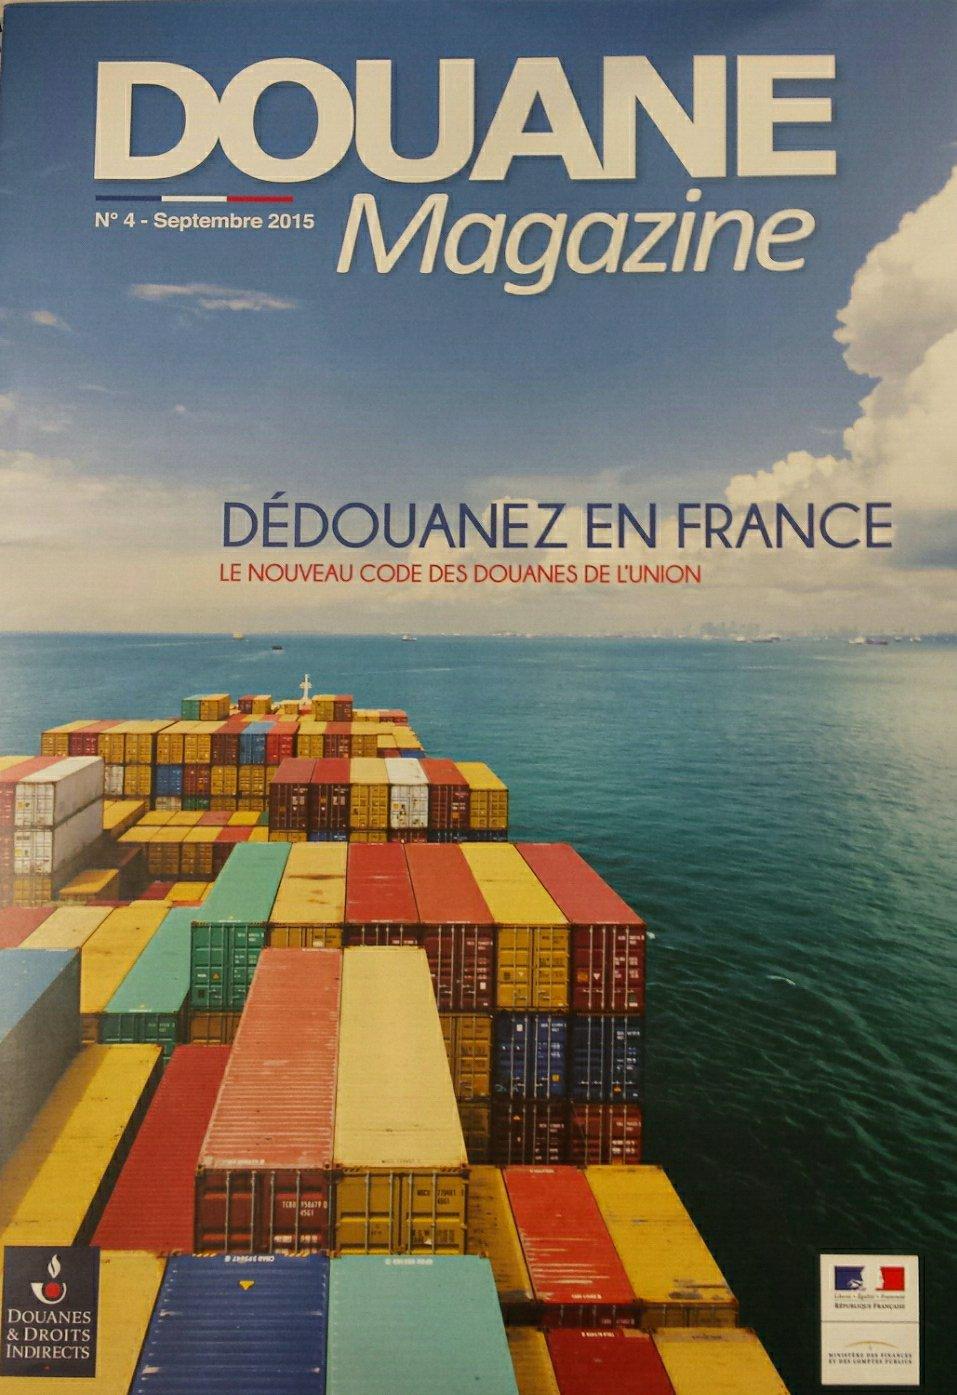 Thumbnail for [LiveTweet] #TourdeFrance des Experts de la Douane - Nouveau Code des Douanes de L'Union 2016